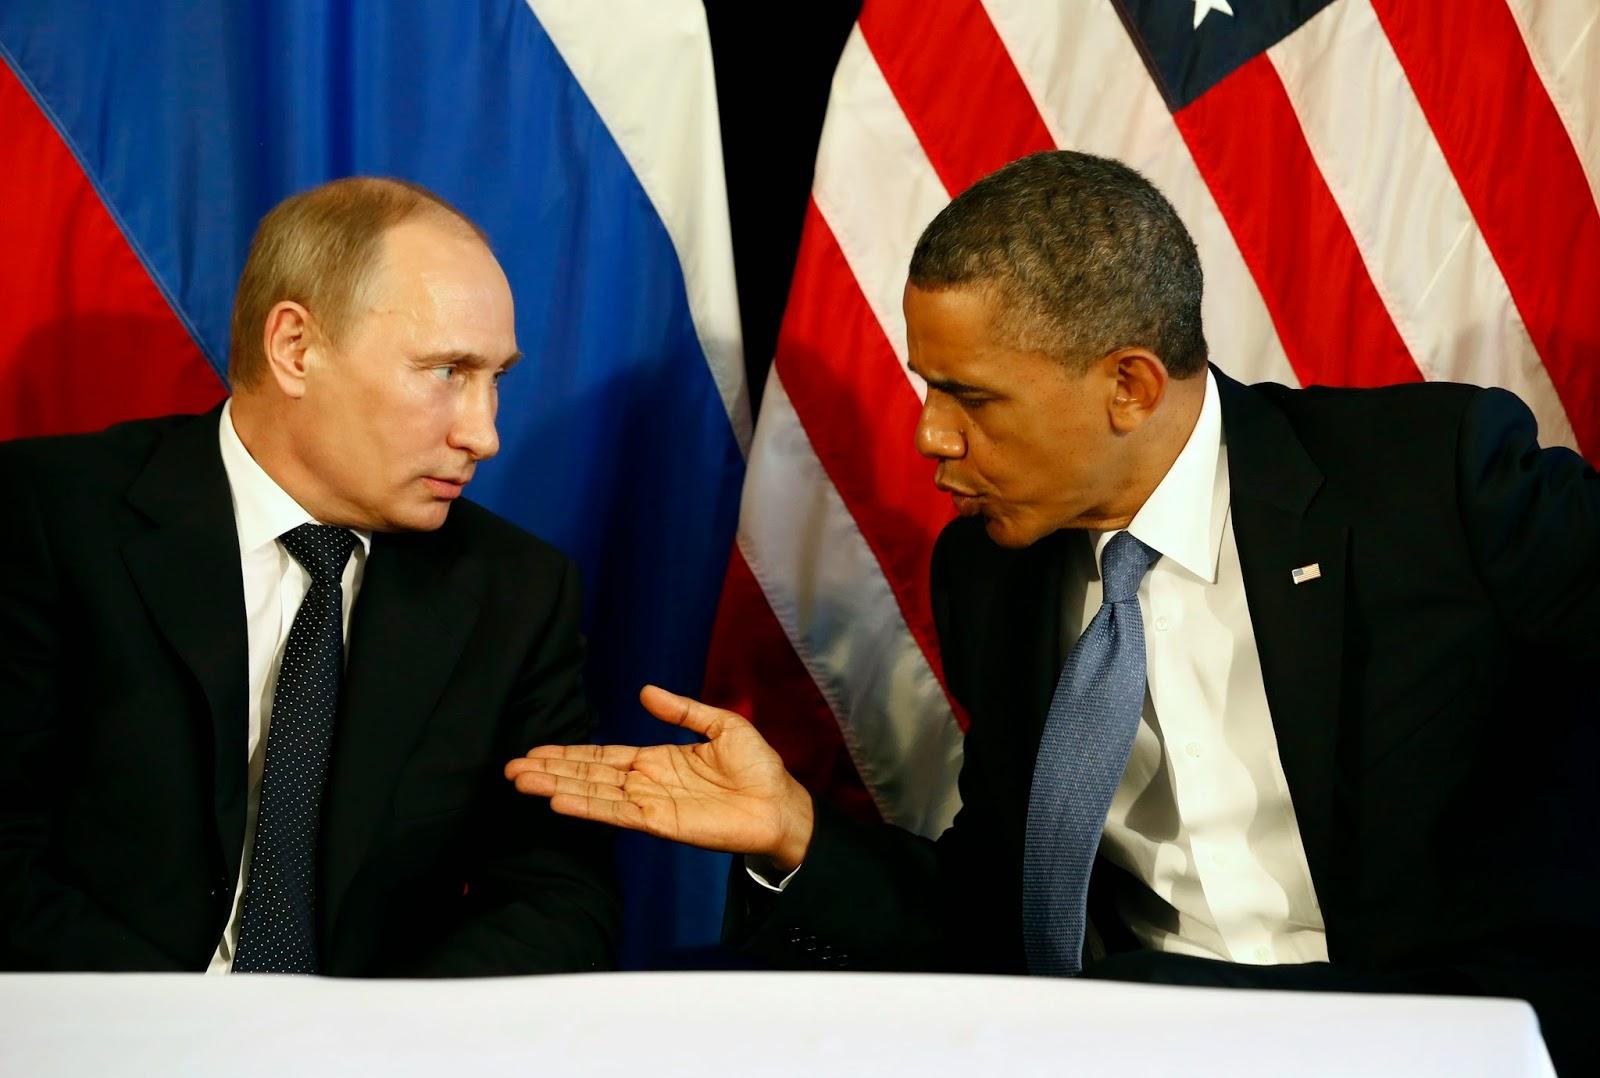 Putin e Obama pedem fim de conflitos na Ucrânia.